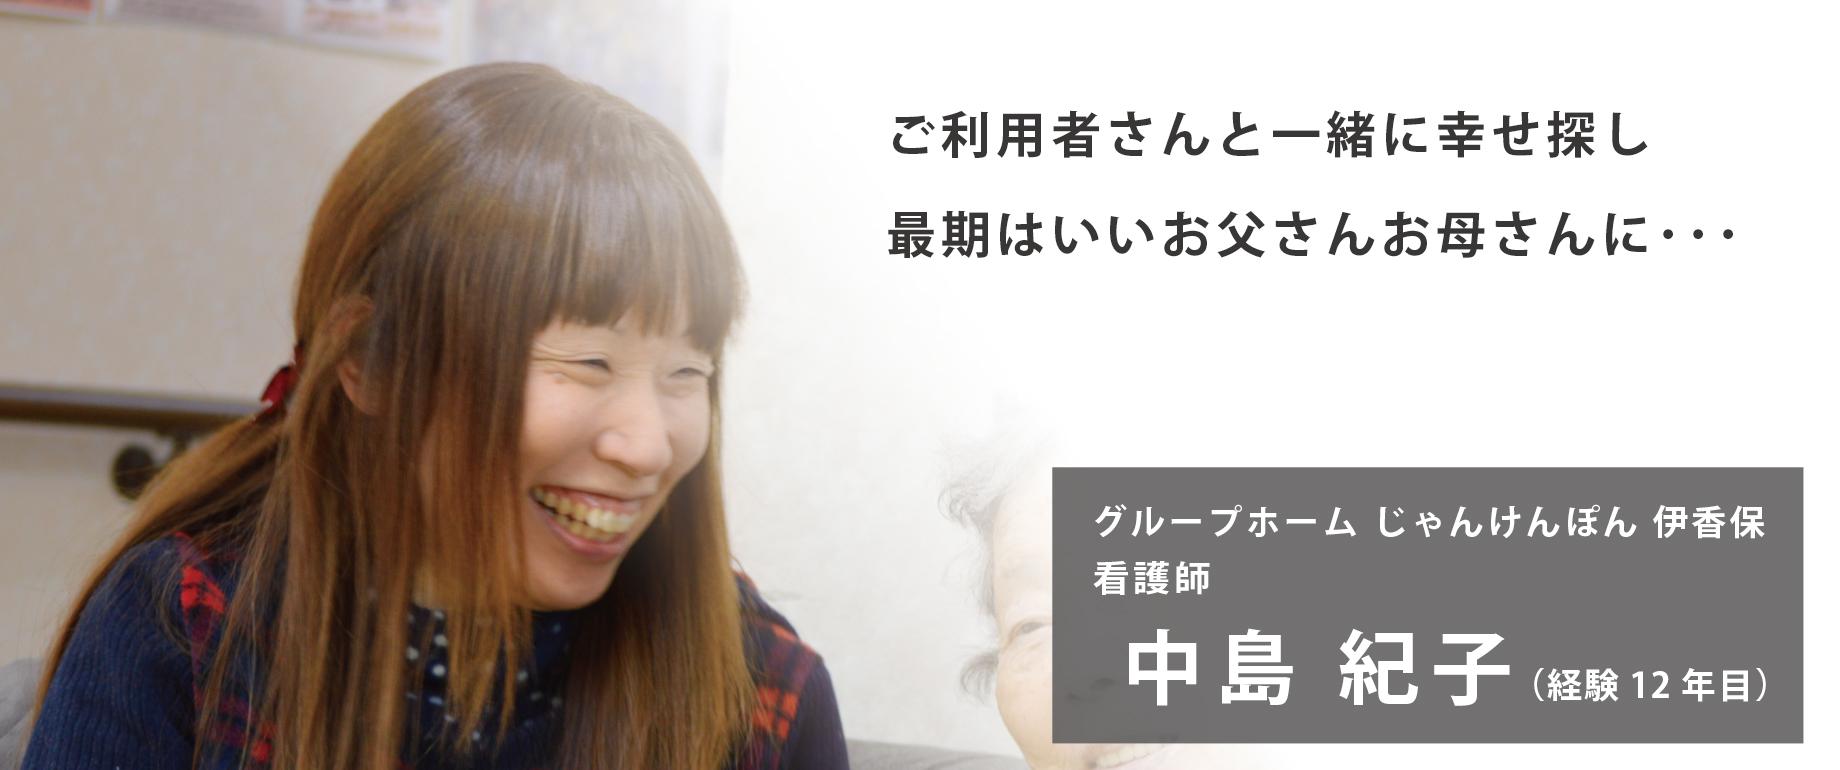 03_nakajima1